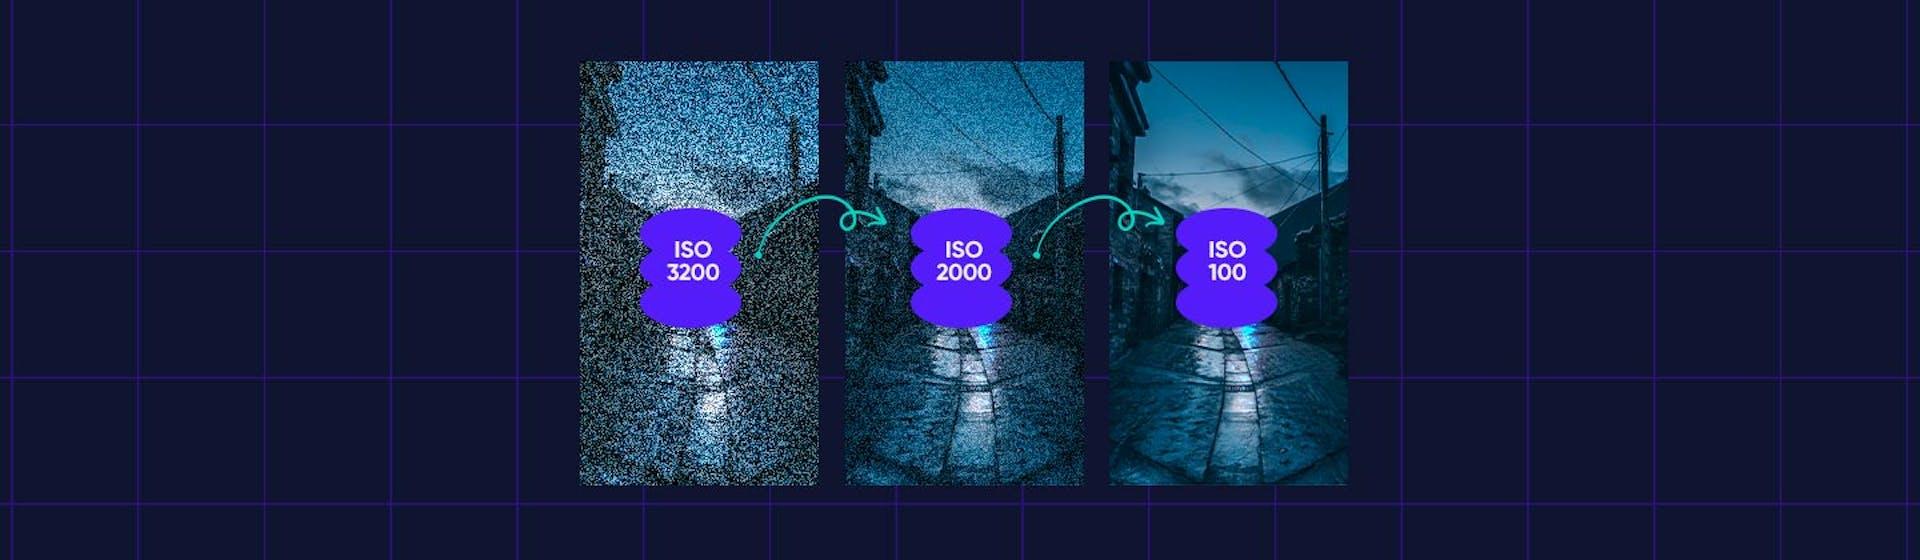 ¡Tu foto nítida y sin ruido digital! Capta imágenes sin esos molestos puntos